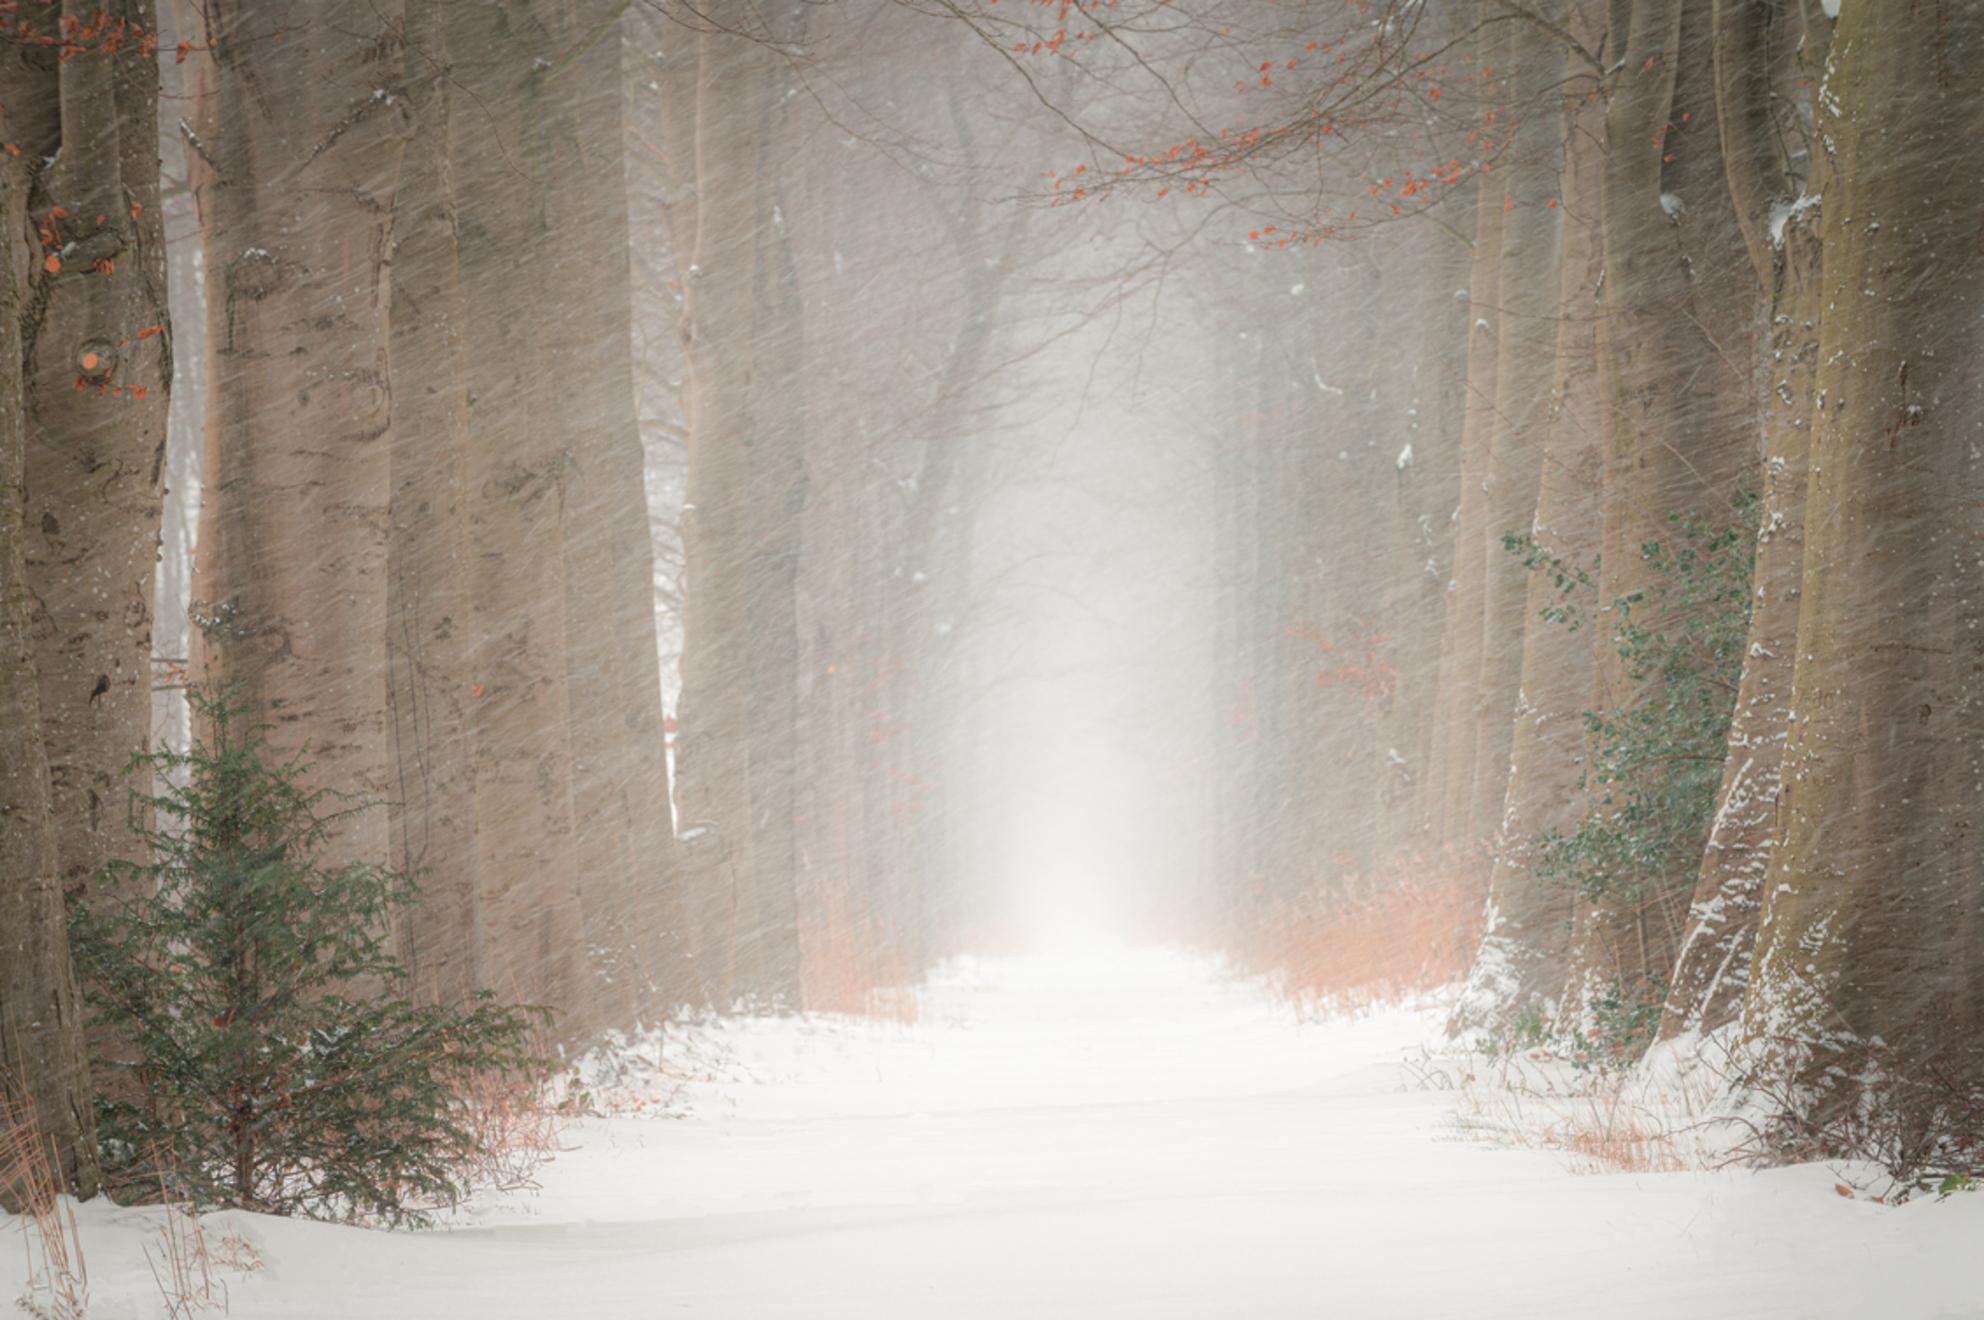 Lane in winter - Buiten huilt de wind om 't huis Maar binnen stond de kolenkit paraat En de stoep waarop geknikkerd werd Was het belangrijste stukje van de straat - foto door renevierhuis op 10-02-2021 - deze foto bevat: natuur, sneeuw, winter, landschap, bomen, kou, lange sluitertijd - Deze foto mag gebruikt worden in een Zoom.nl publicatie